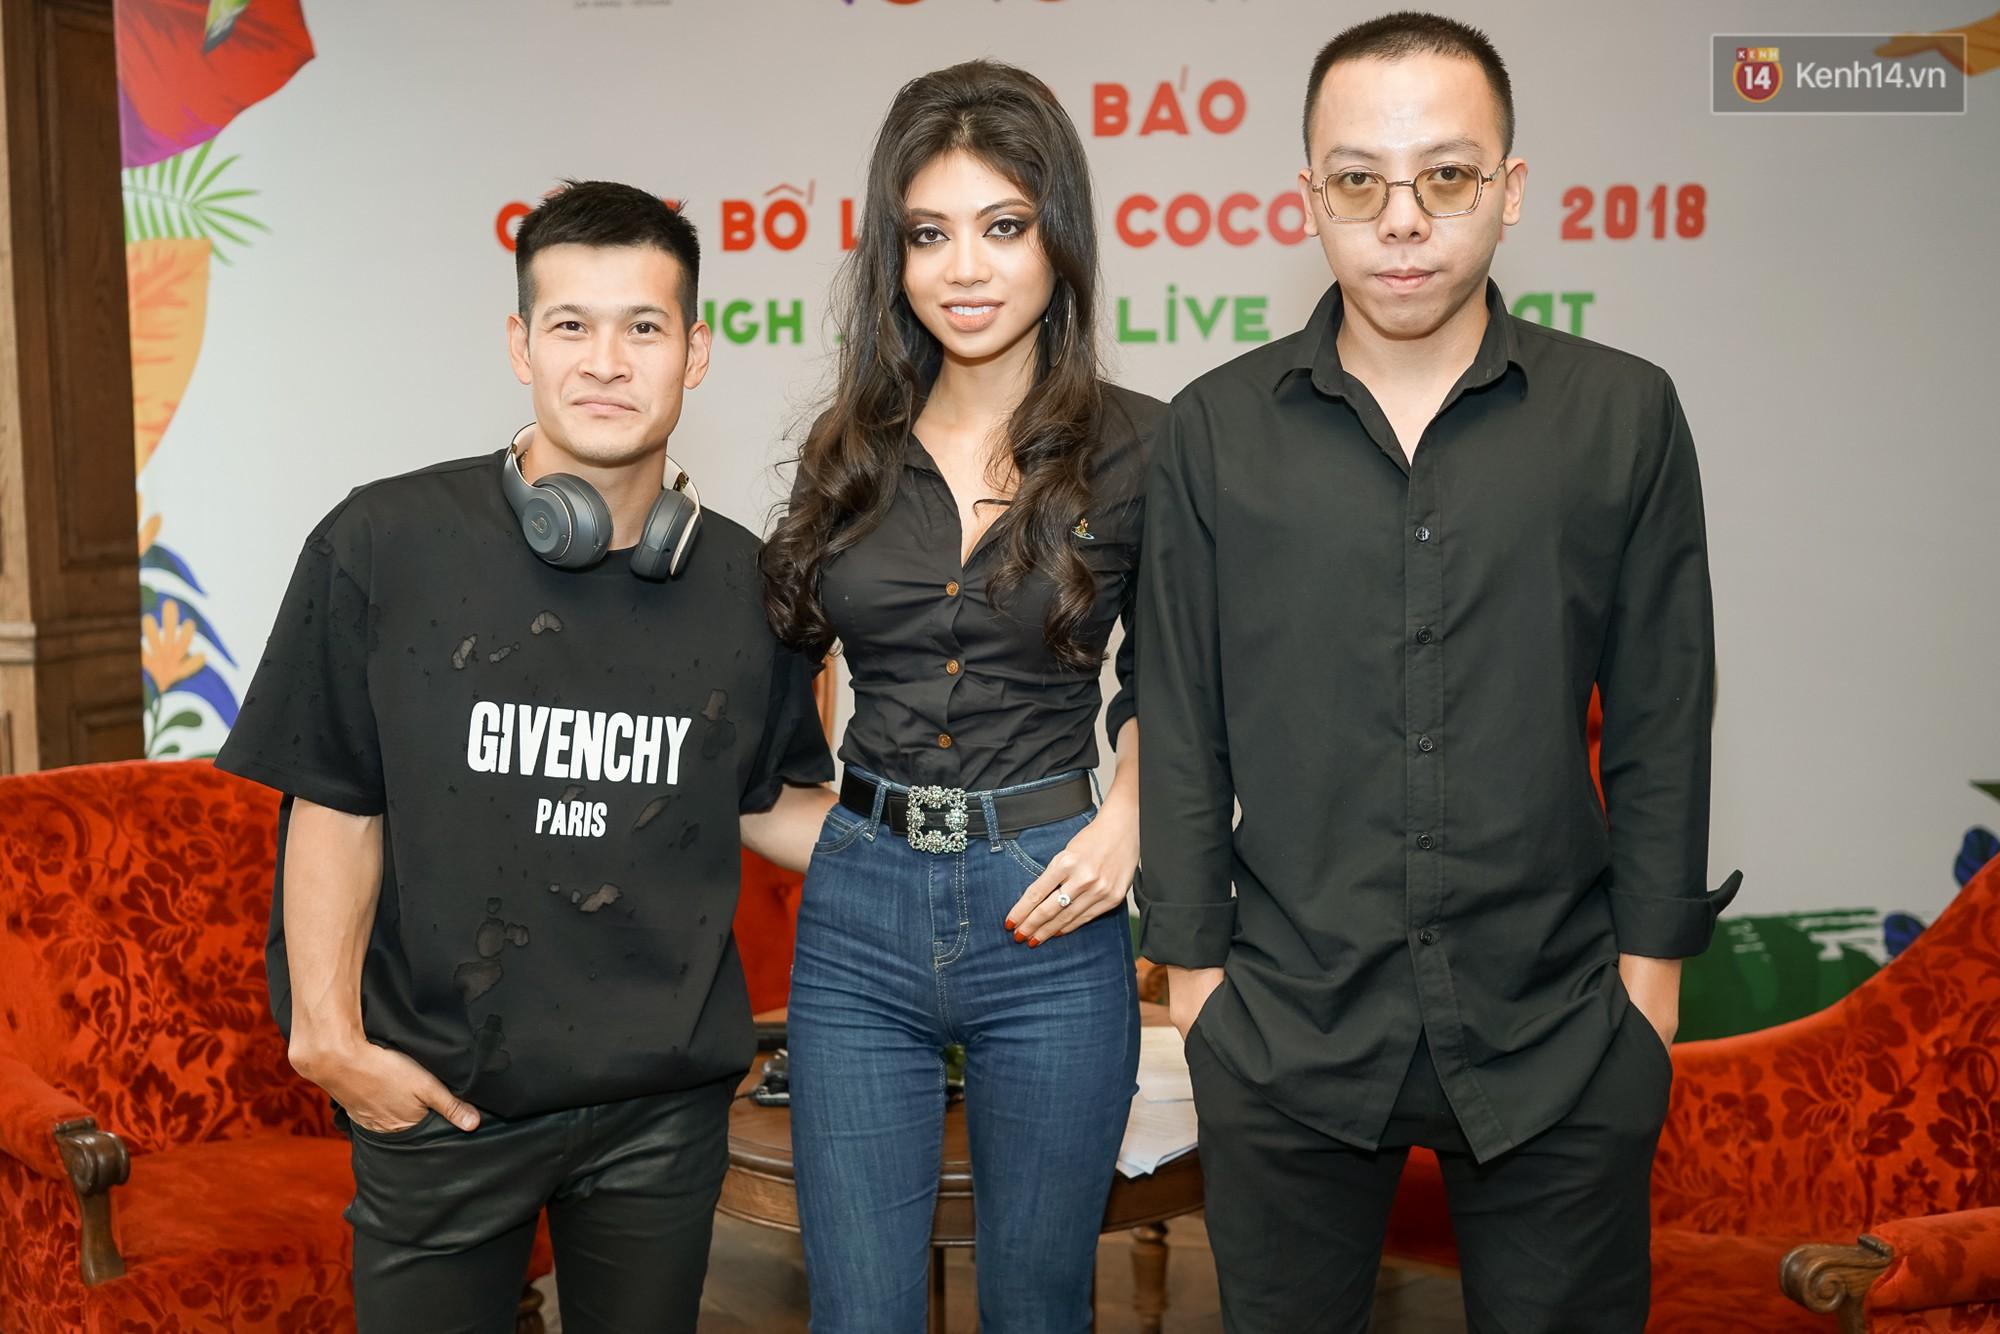 Ngôi sao Despacito và cựu thủ lĩnh nhóm The Pussycat Dolls sẽ biểu diễn tại lễ hội âm nhạc ở Đà Nẵng cùng dàn sao Việt - Ảnh 5.